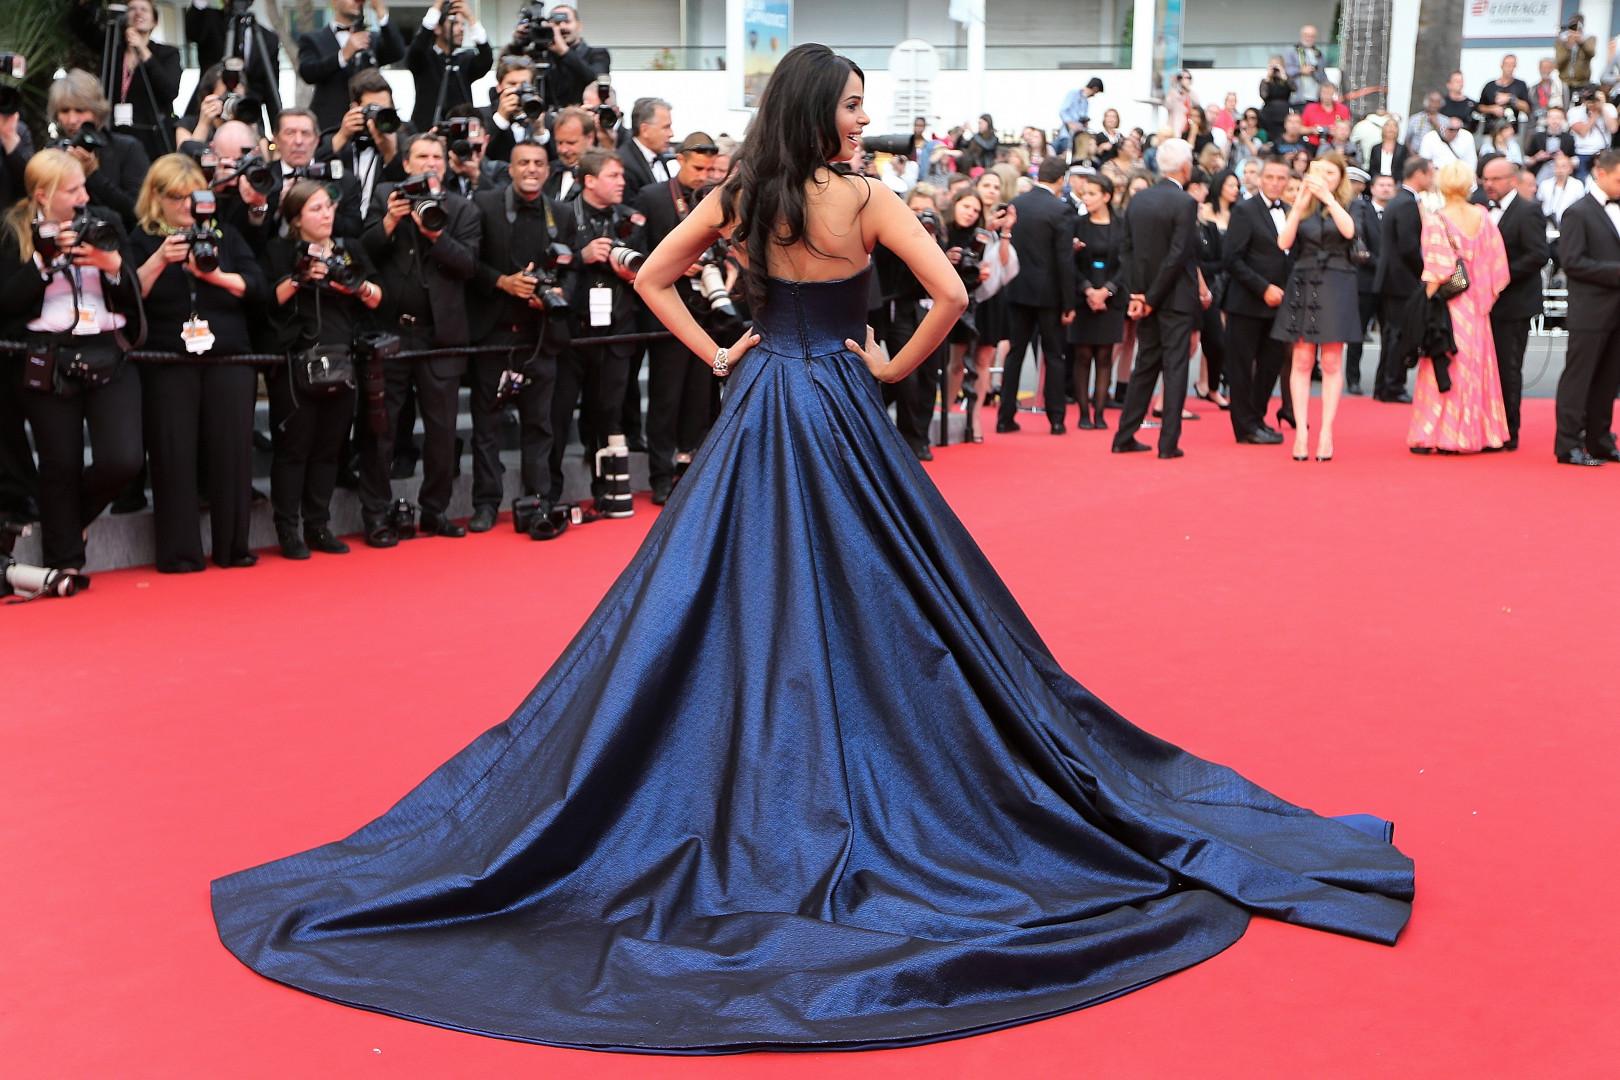 La mode des robes à longues traînées s'est poursuivie avec l'actrice indienne Mallika Sherawat